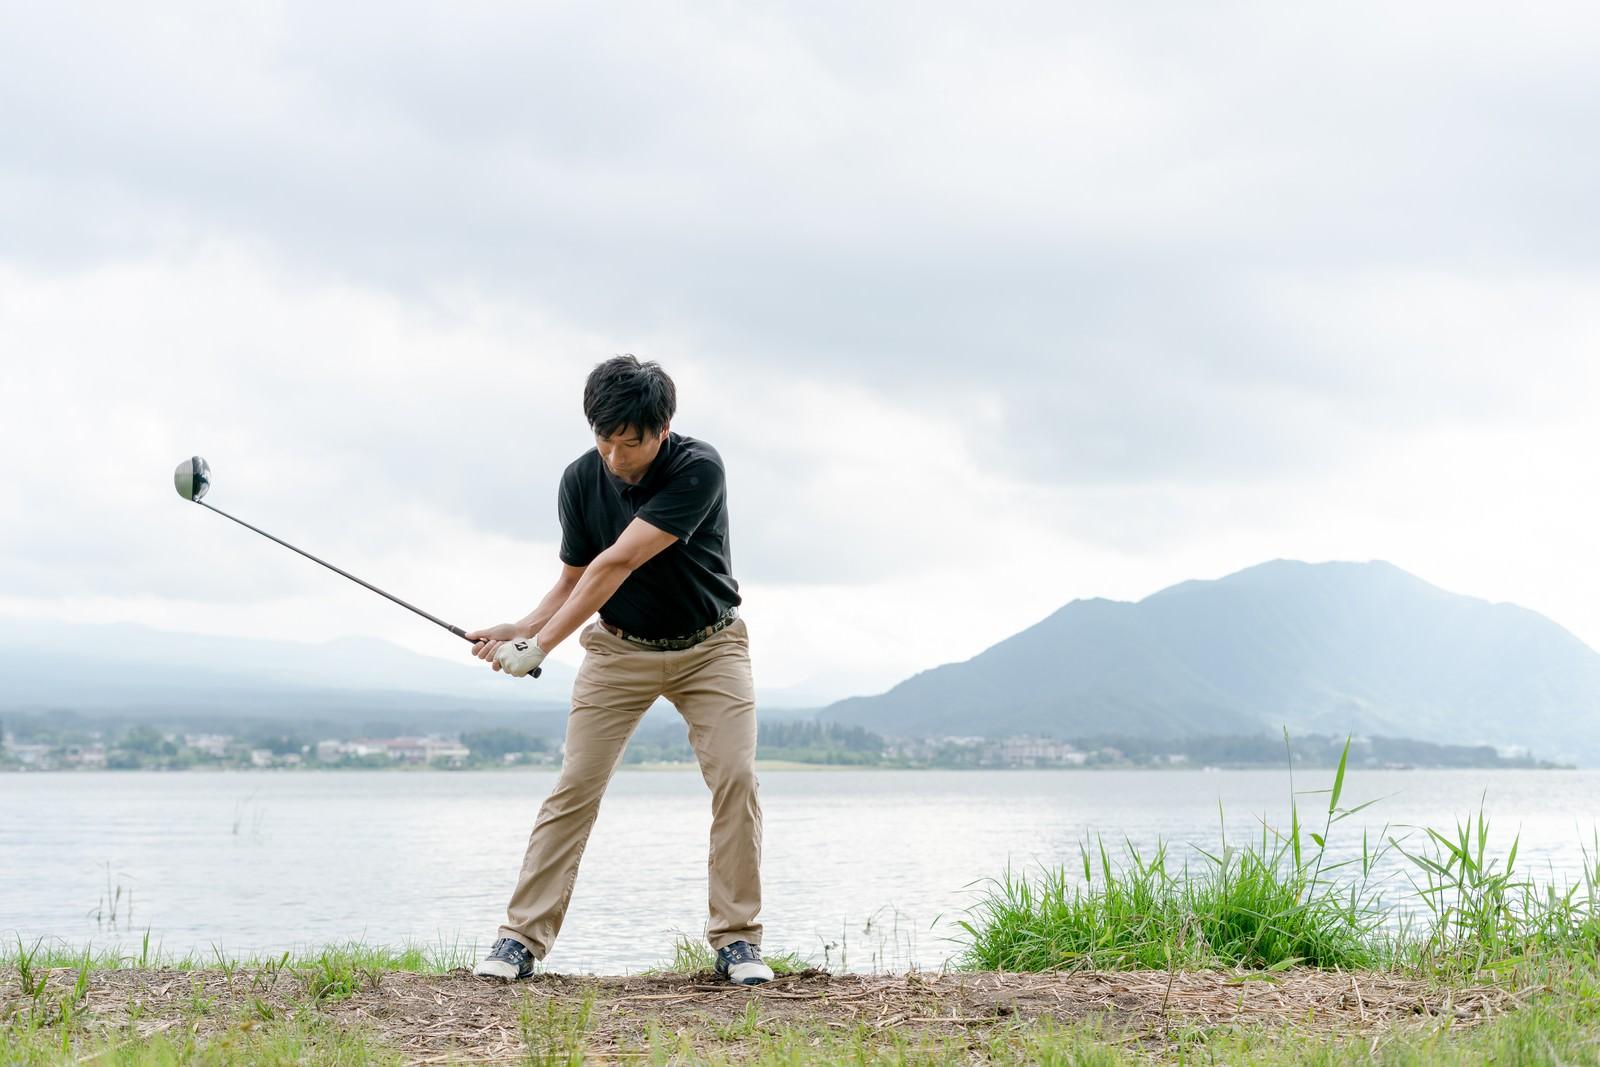 「スコアが伸びるゴルファーのスイング」の写真[モデル:サカモトリョウ]